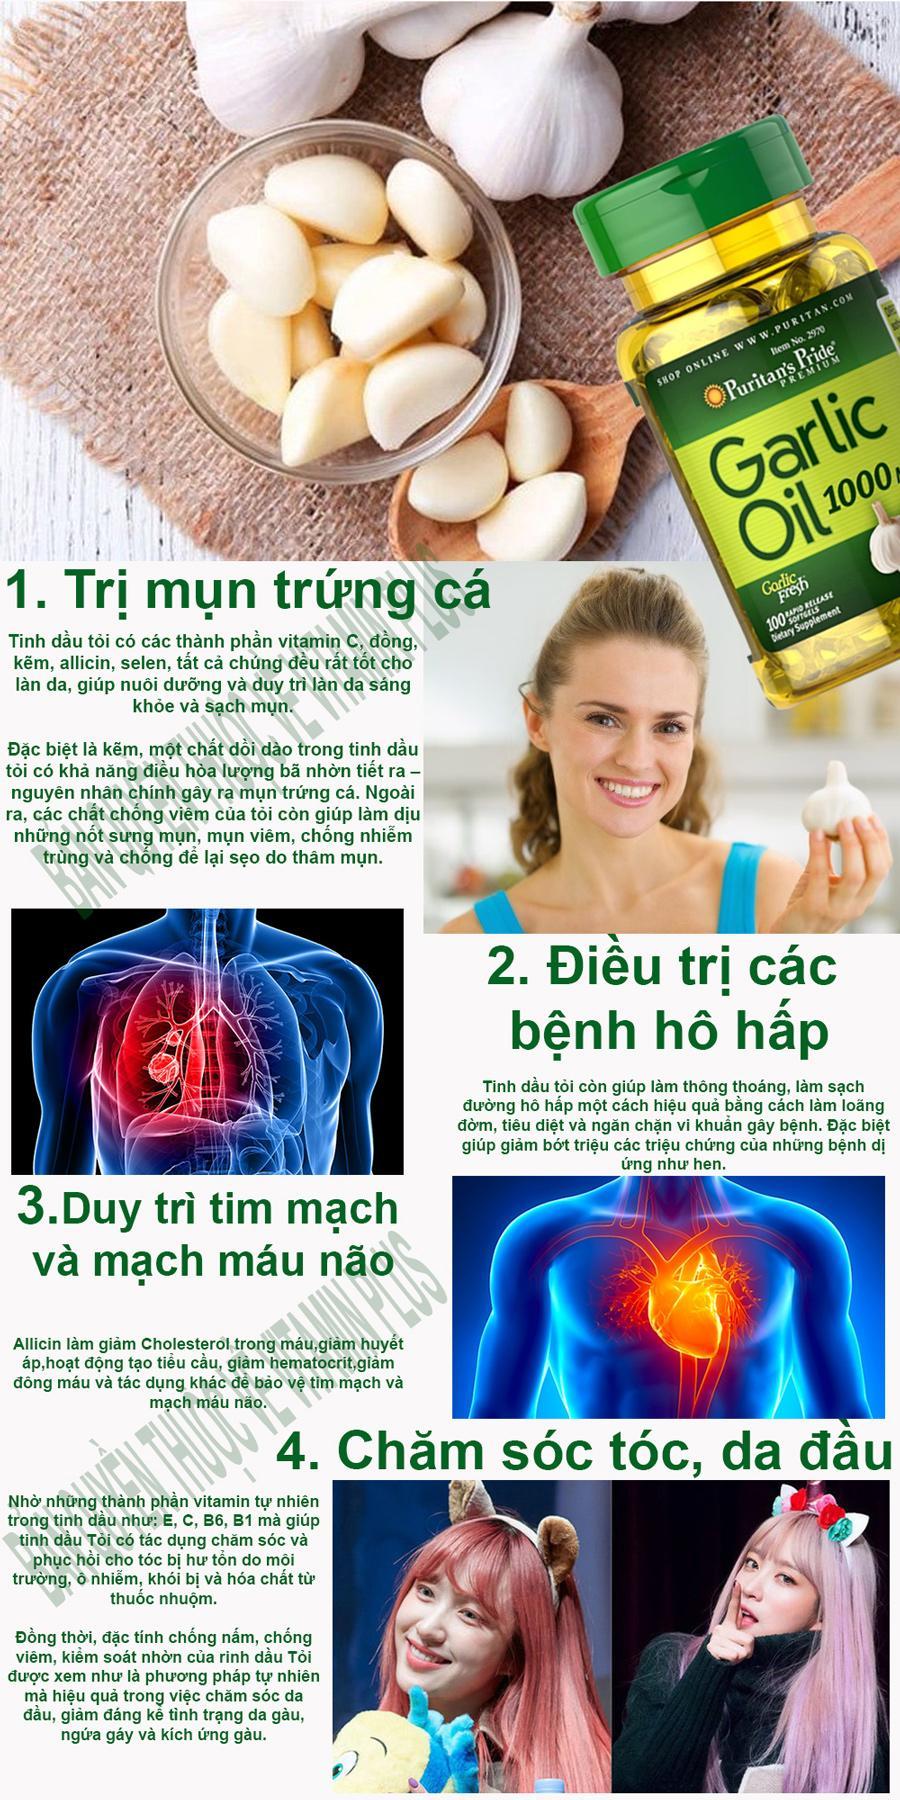 Dầu tỏi Garlic oil 1000mg của Mỹ tốt hơn 100 lần tinh dầu tỏi diep chi tăng cường hệ miễn dịch, phòng ngừa cảm cúm, giảm cholesterol, xơ vữa động mạch, Vitamin Mỹ Puritan s Pride 10 viên dùng thử 5